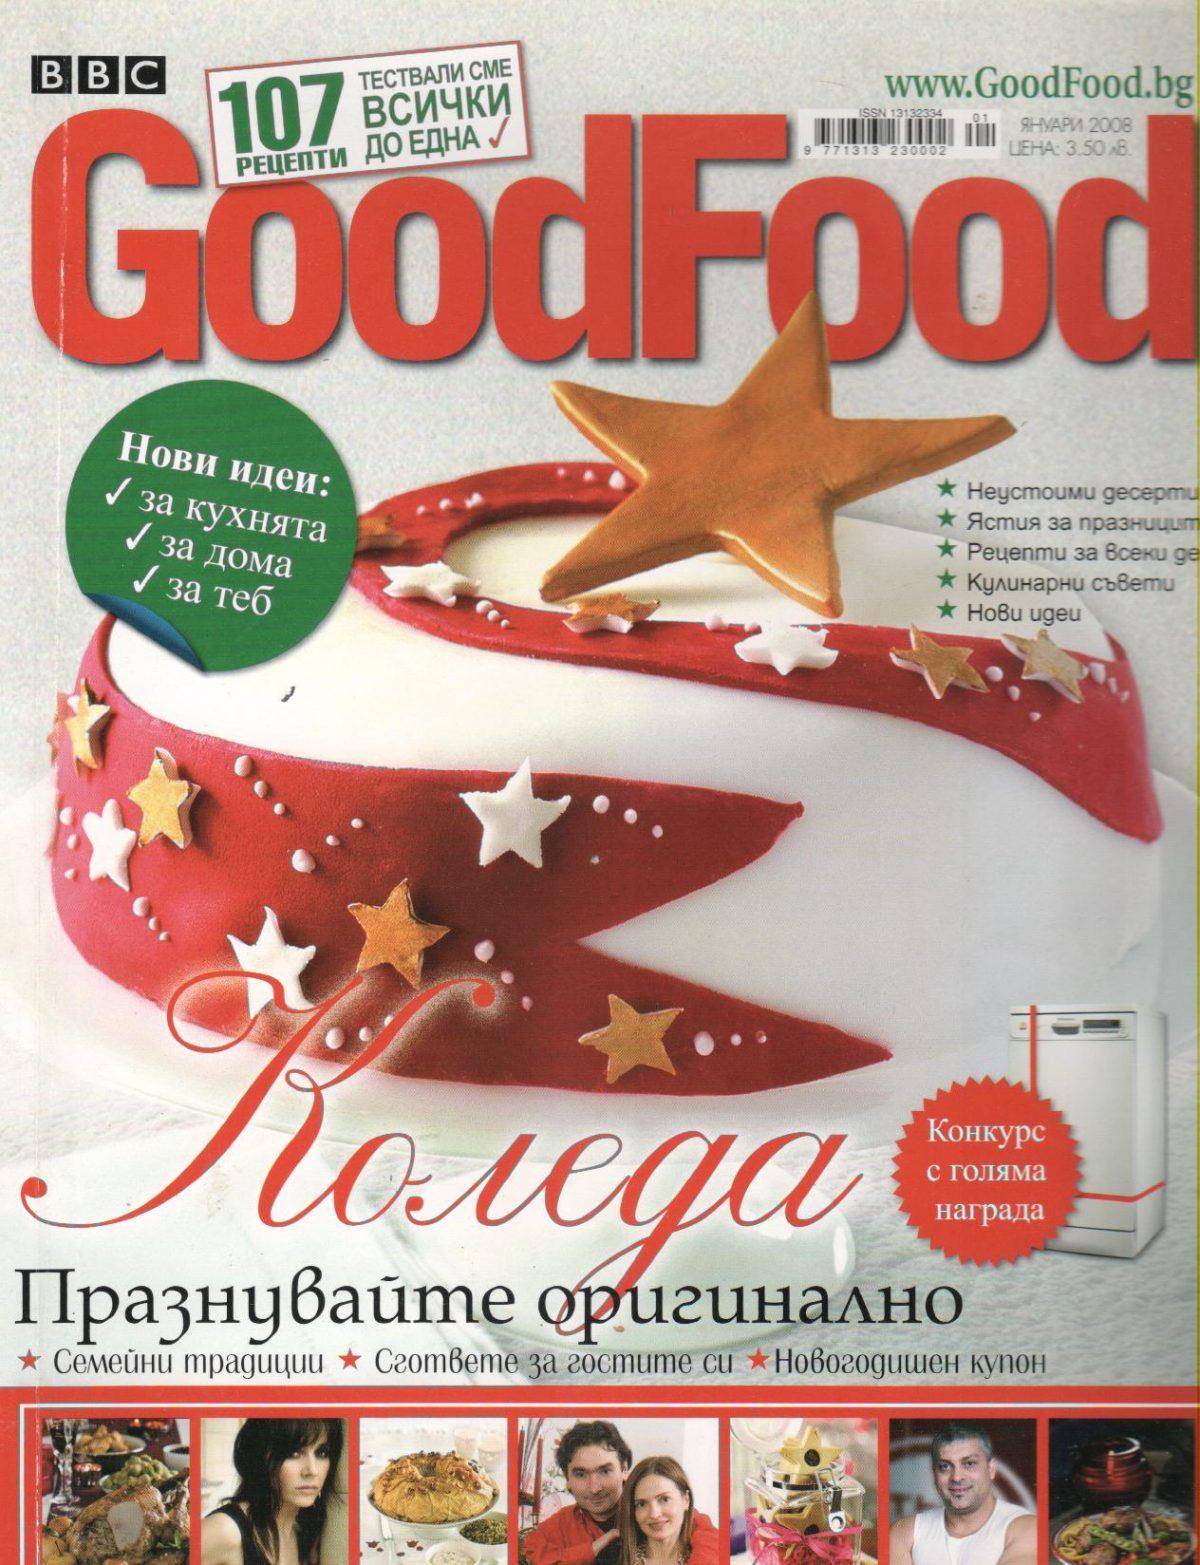 GoodFood-2008-001